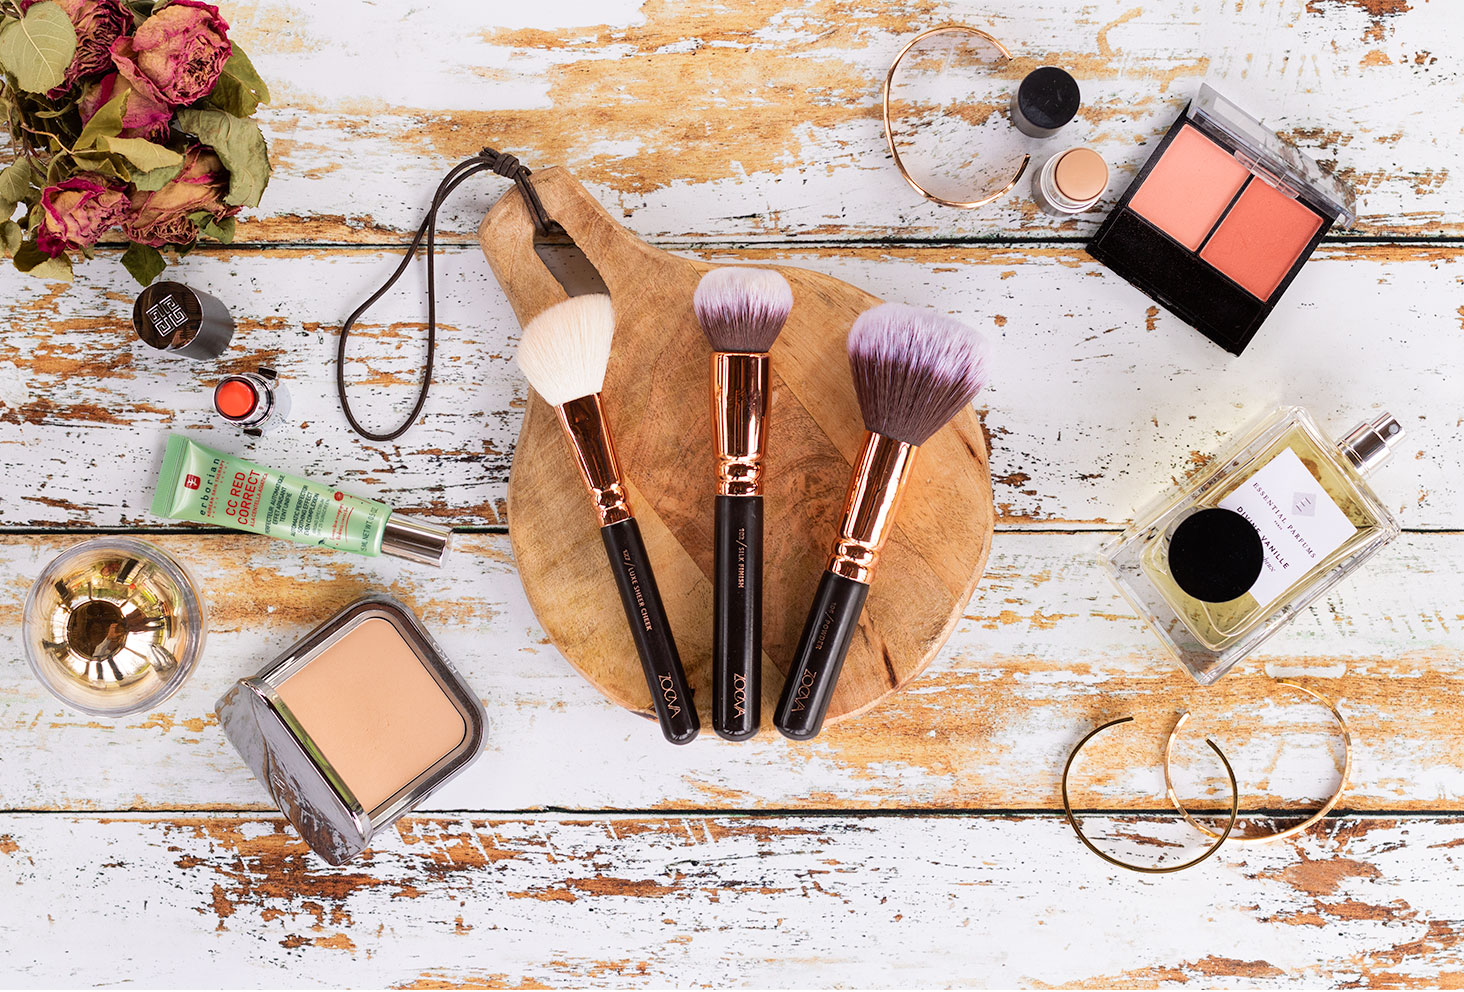 Les pinceaux pour le teint de Zoeva posés sur une planche ronde en bois au milieu de maquillage pour le teint